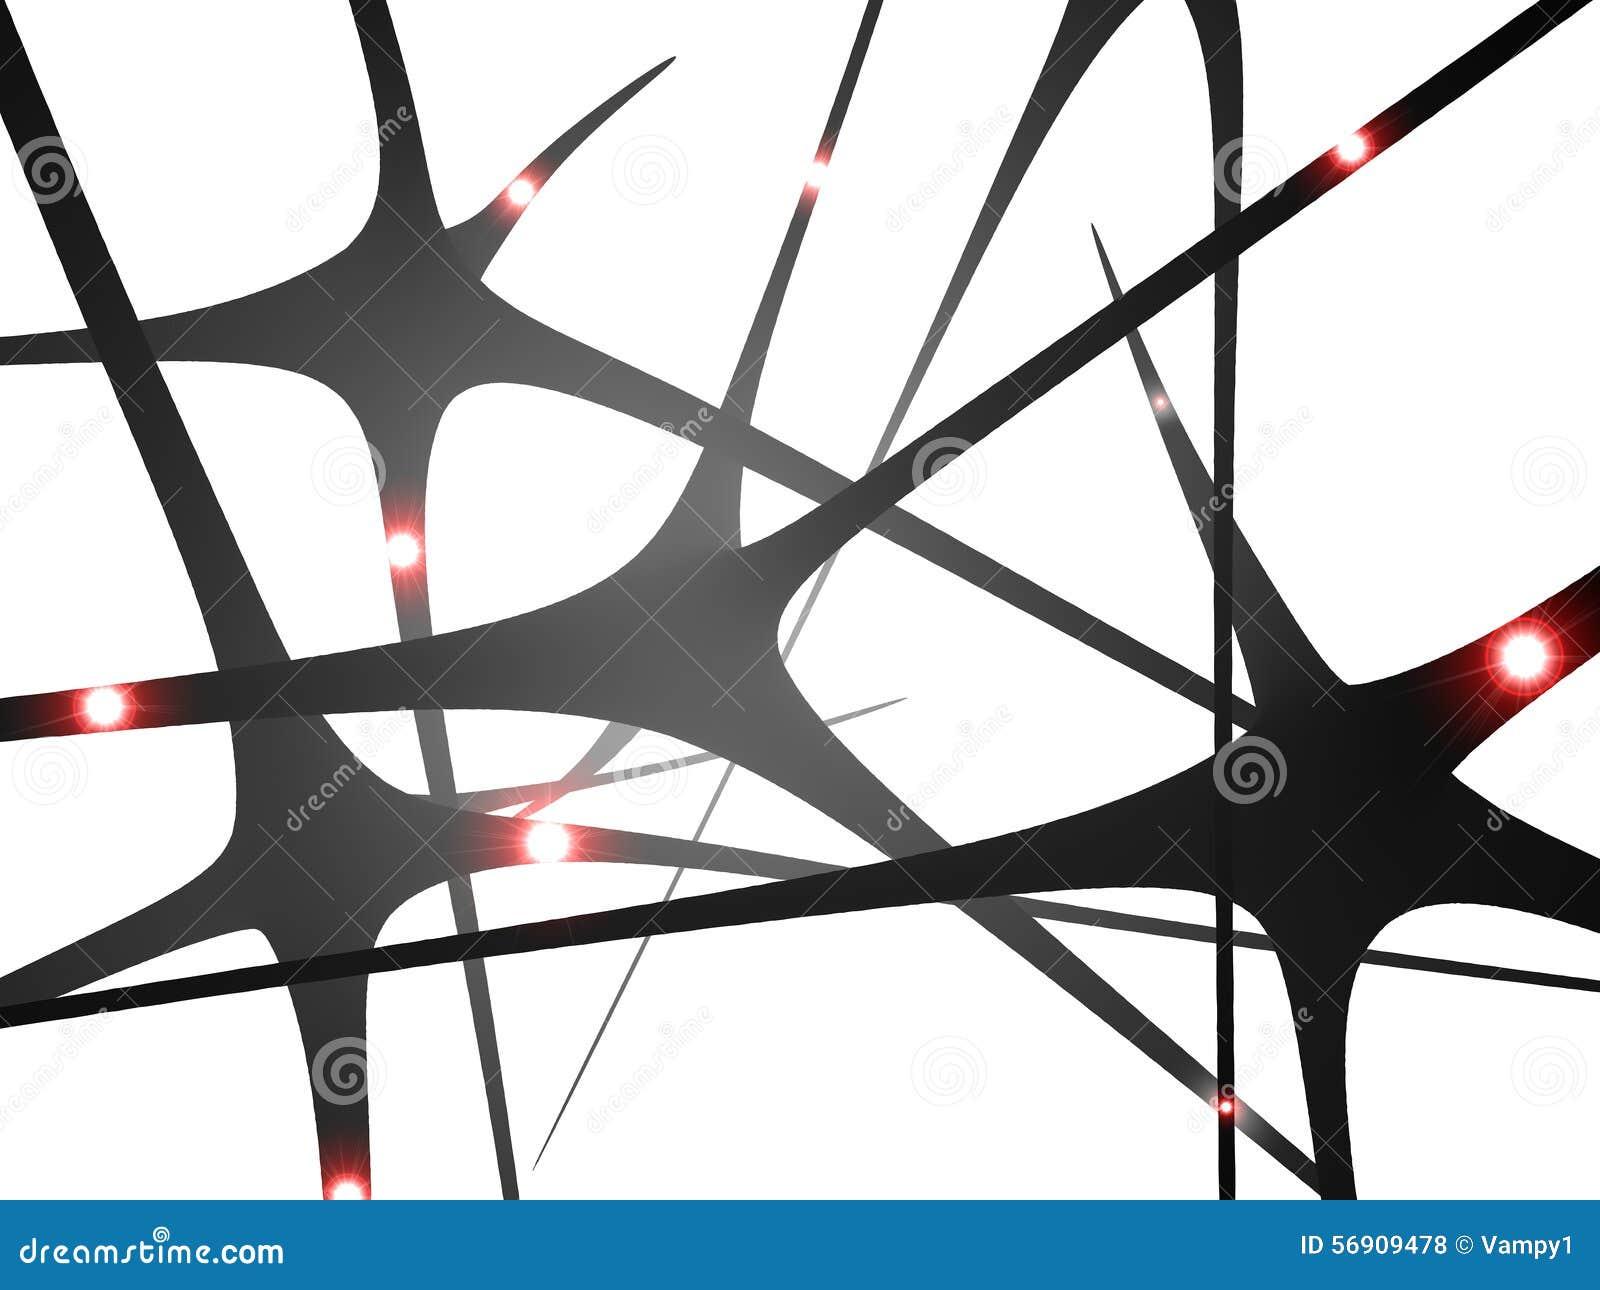 Νευρώνες, επικοινωνία εγκεφάλου συνάψεων,